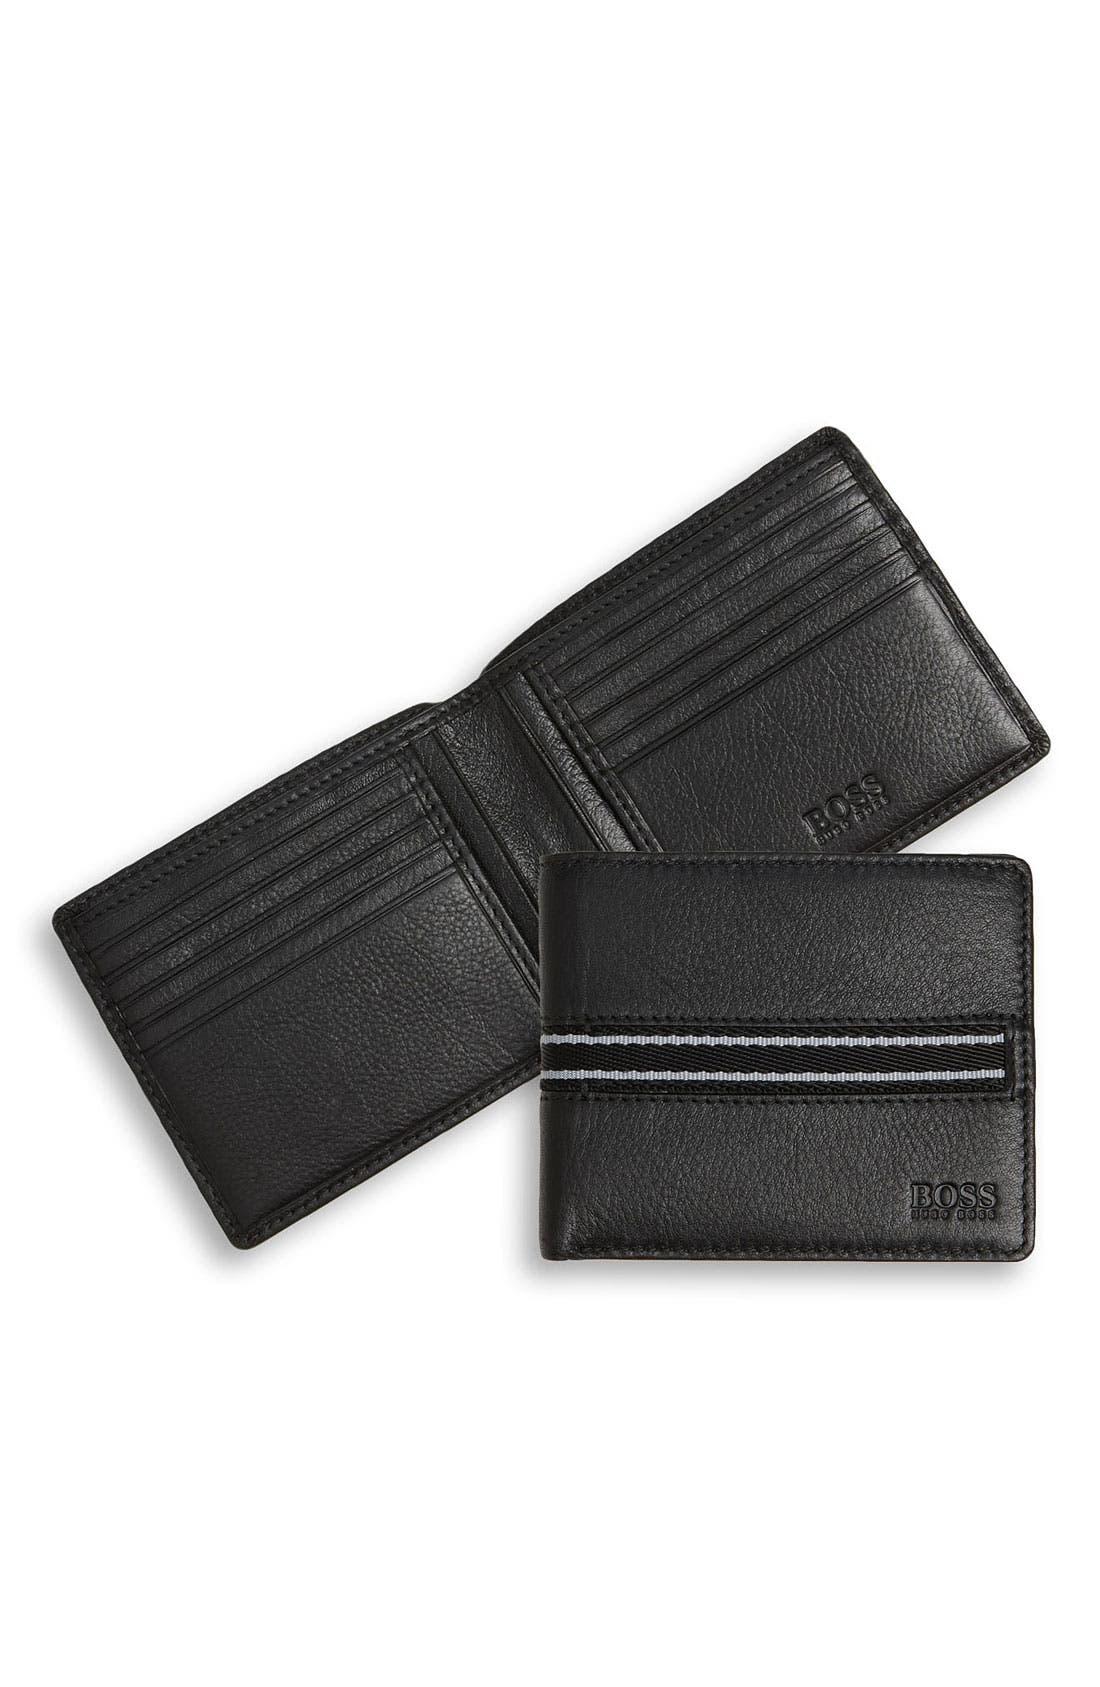 Alternate Image 1 Selected - BOSS HUGO BOSS 'Starskie' Wallet